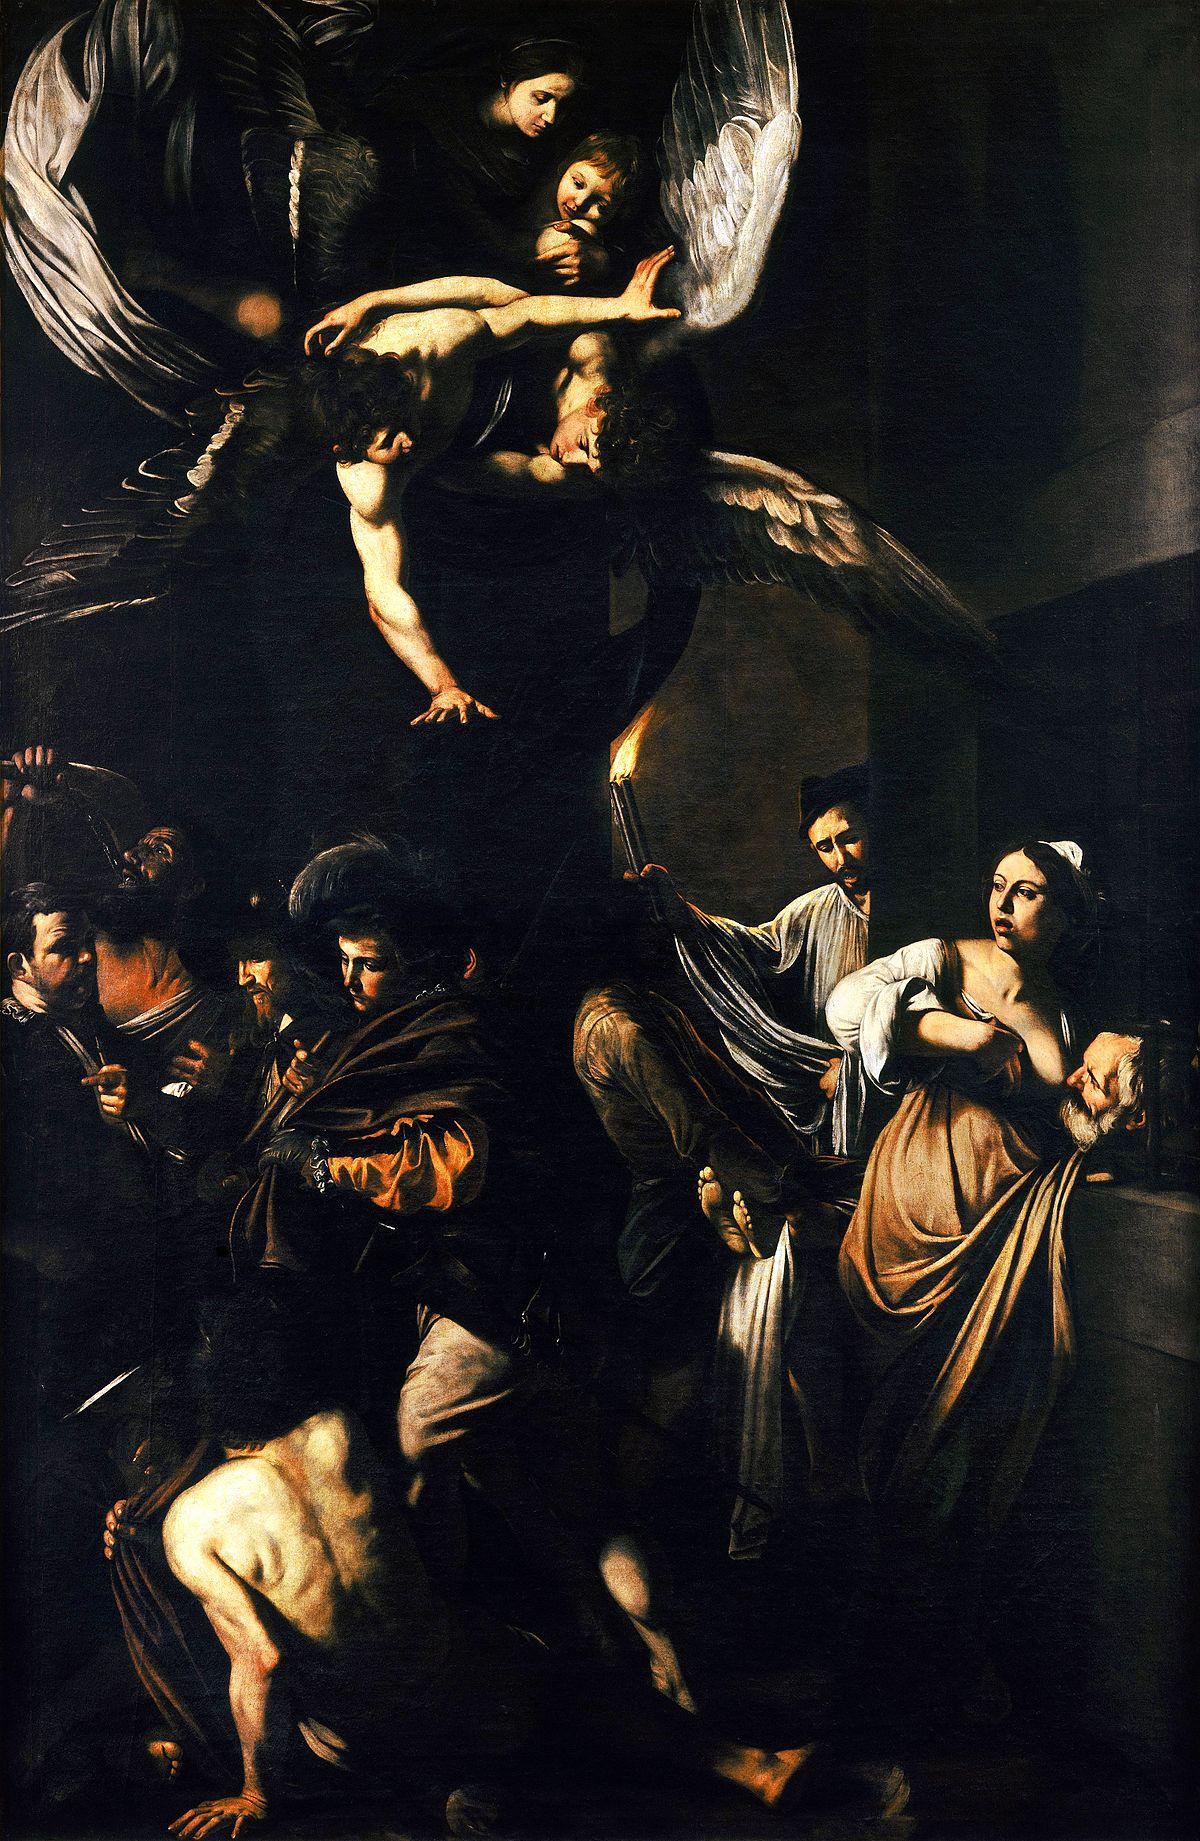 Caravaggio, Sette opere di Misericordia, 1606-07